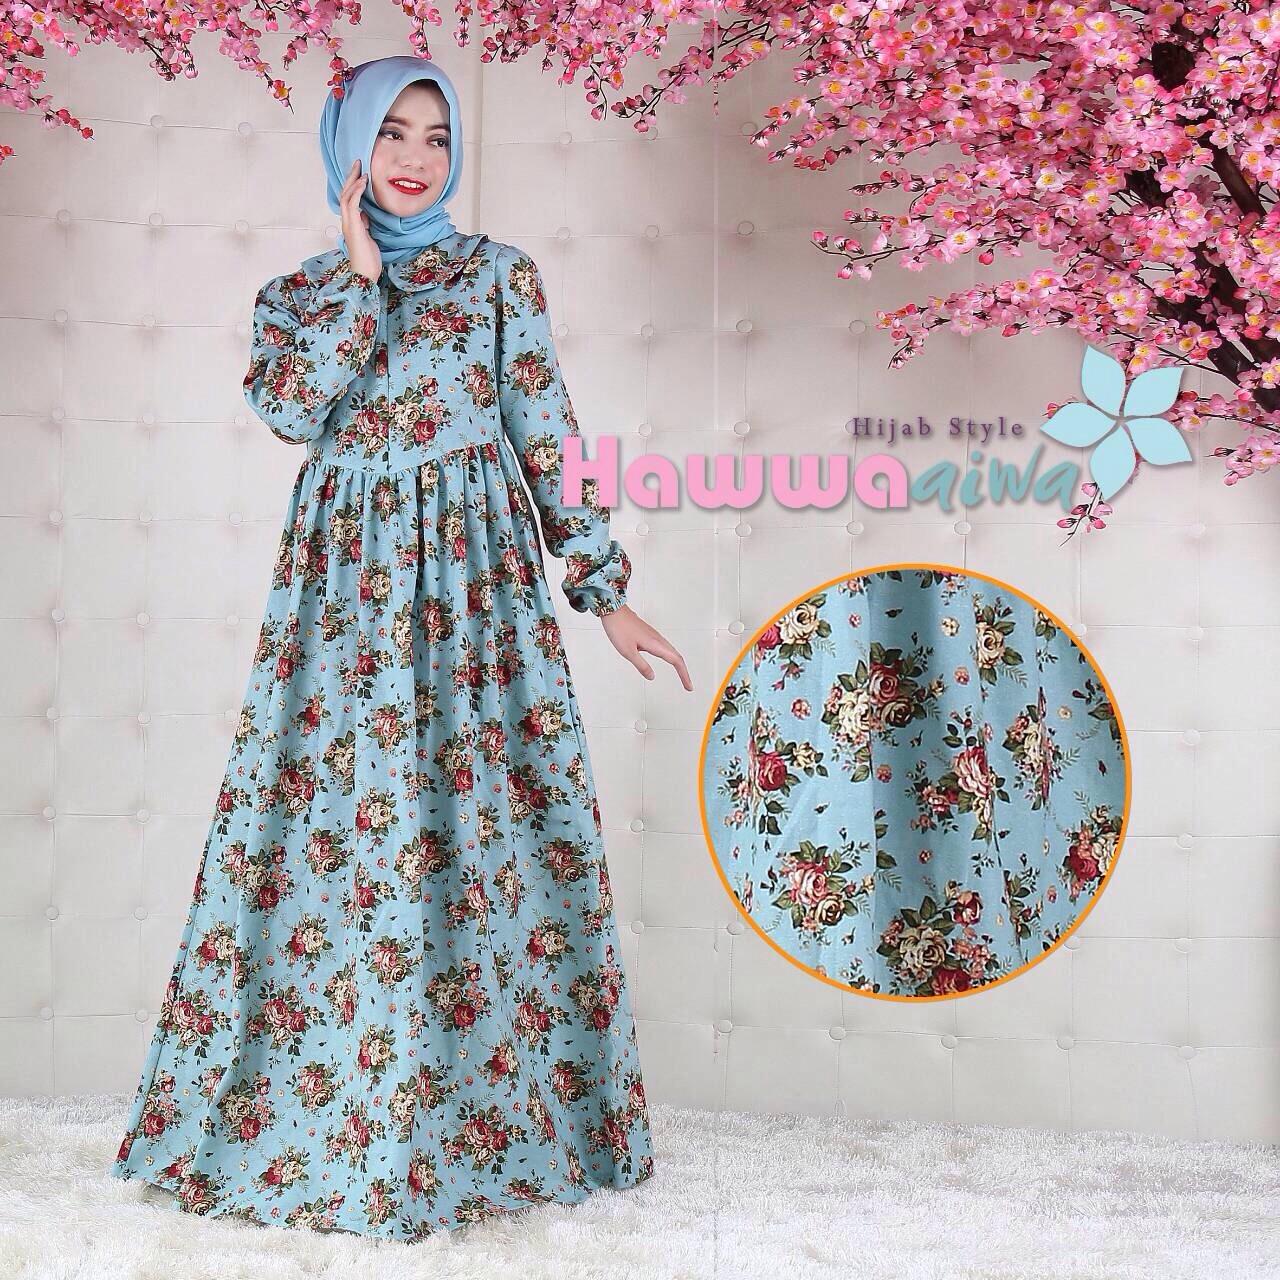 Baju Batik Tanah Abang Murah: Baju Busana Batik Muslim Tanah Abang Quentin By Hawwa Aiwa